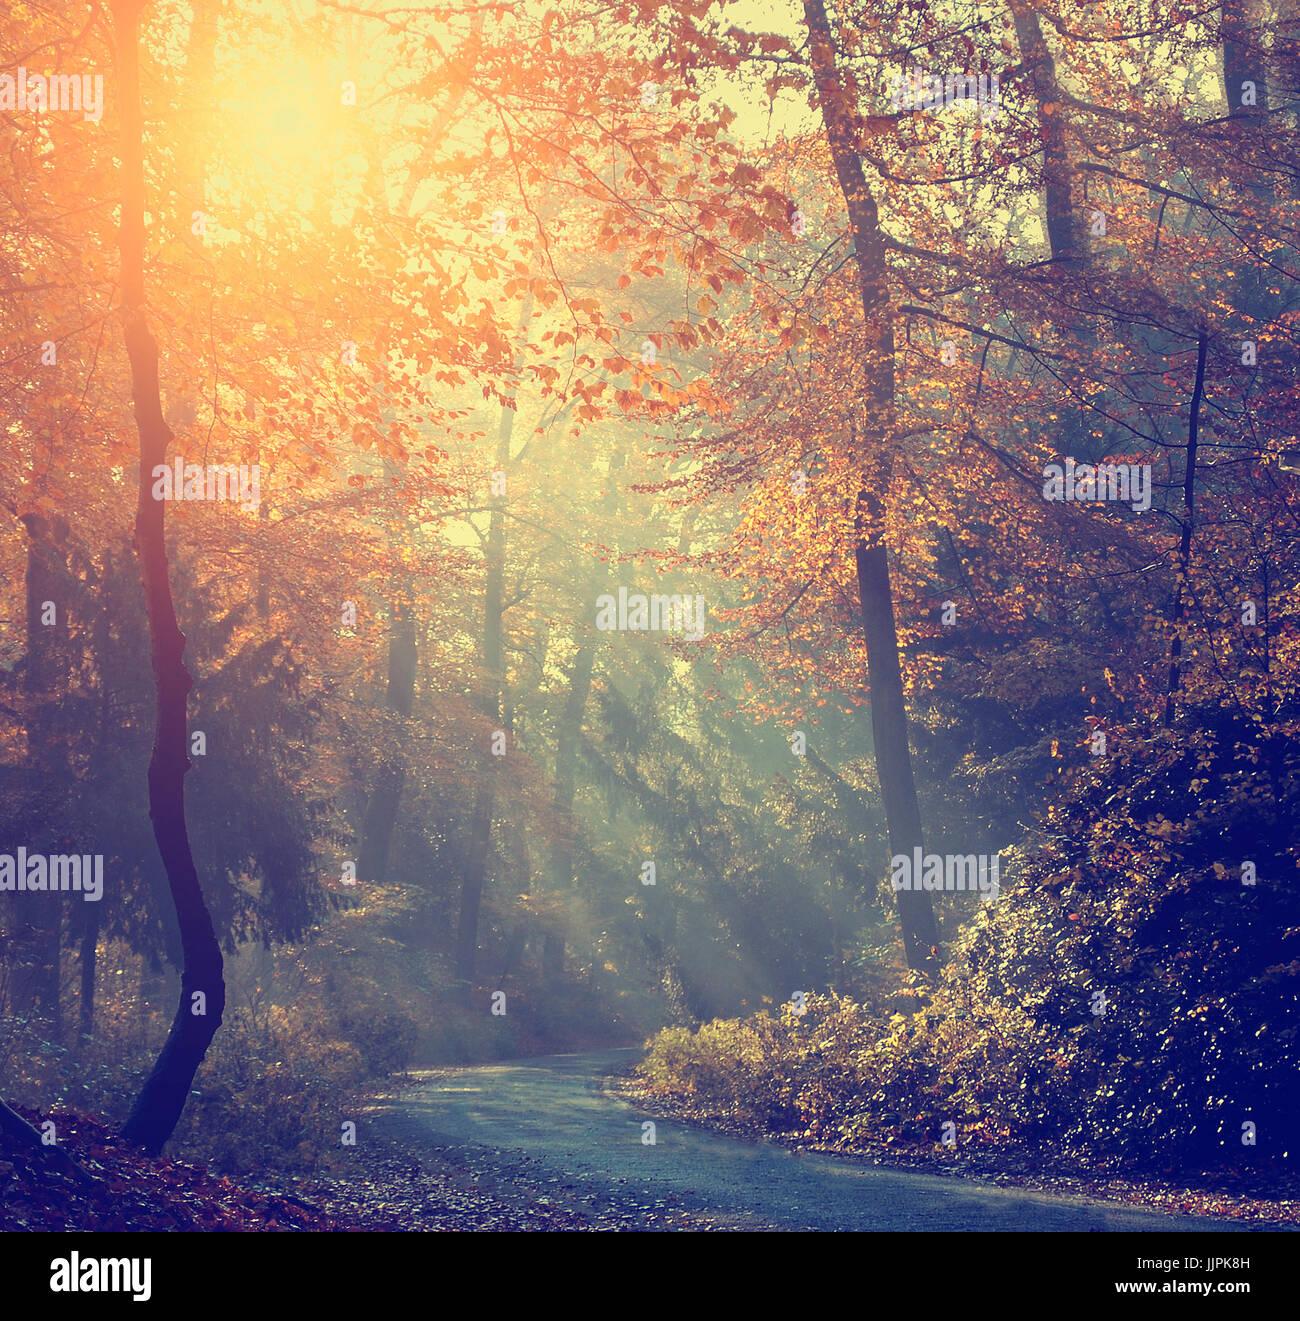 Herbstlichen Wald und Straße im Sonnenaufgang Stockbild